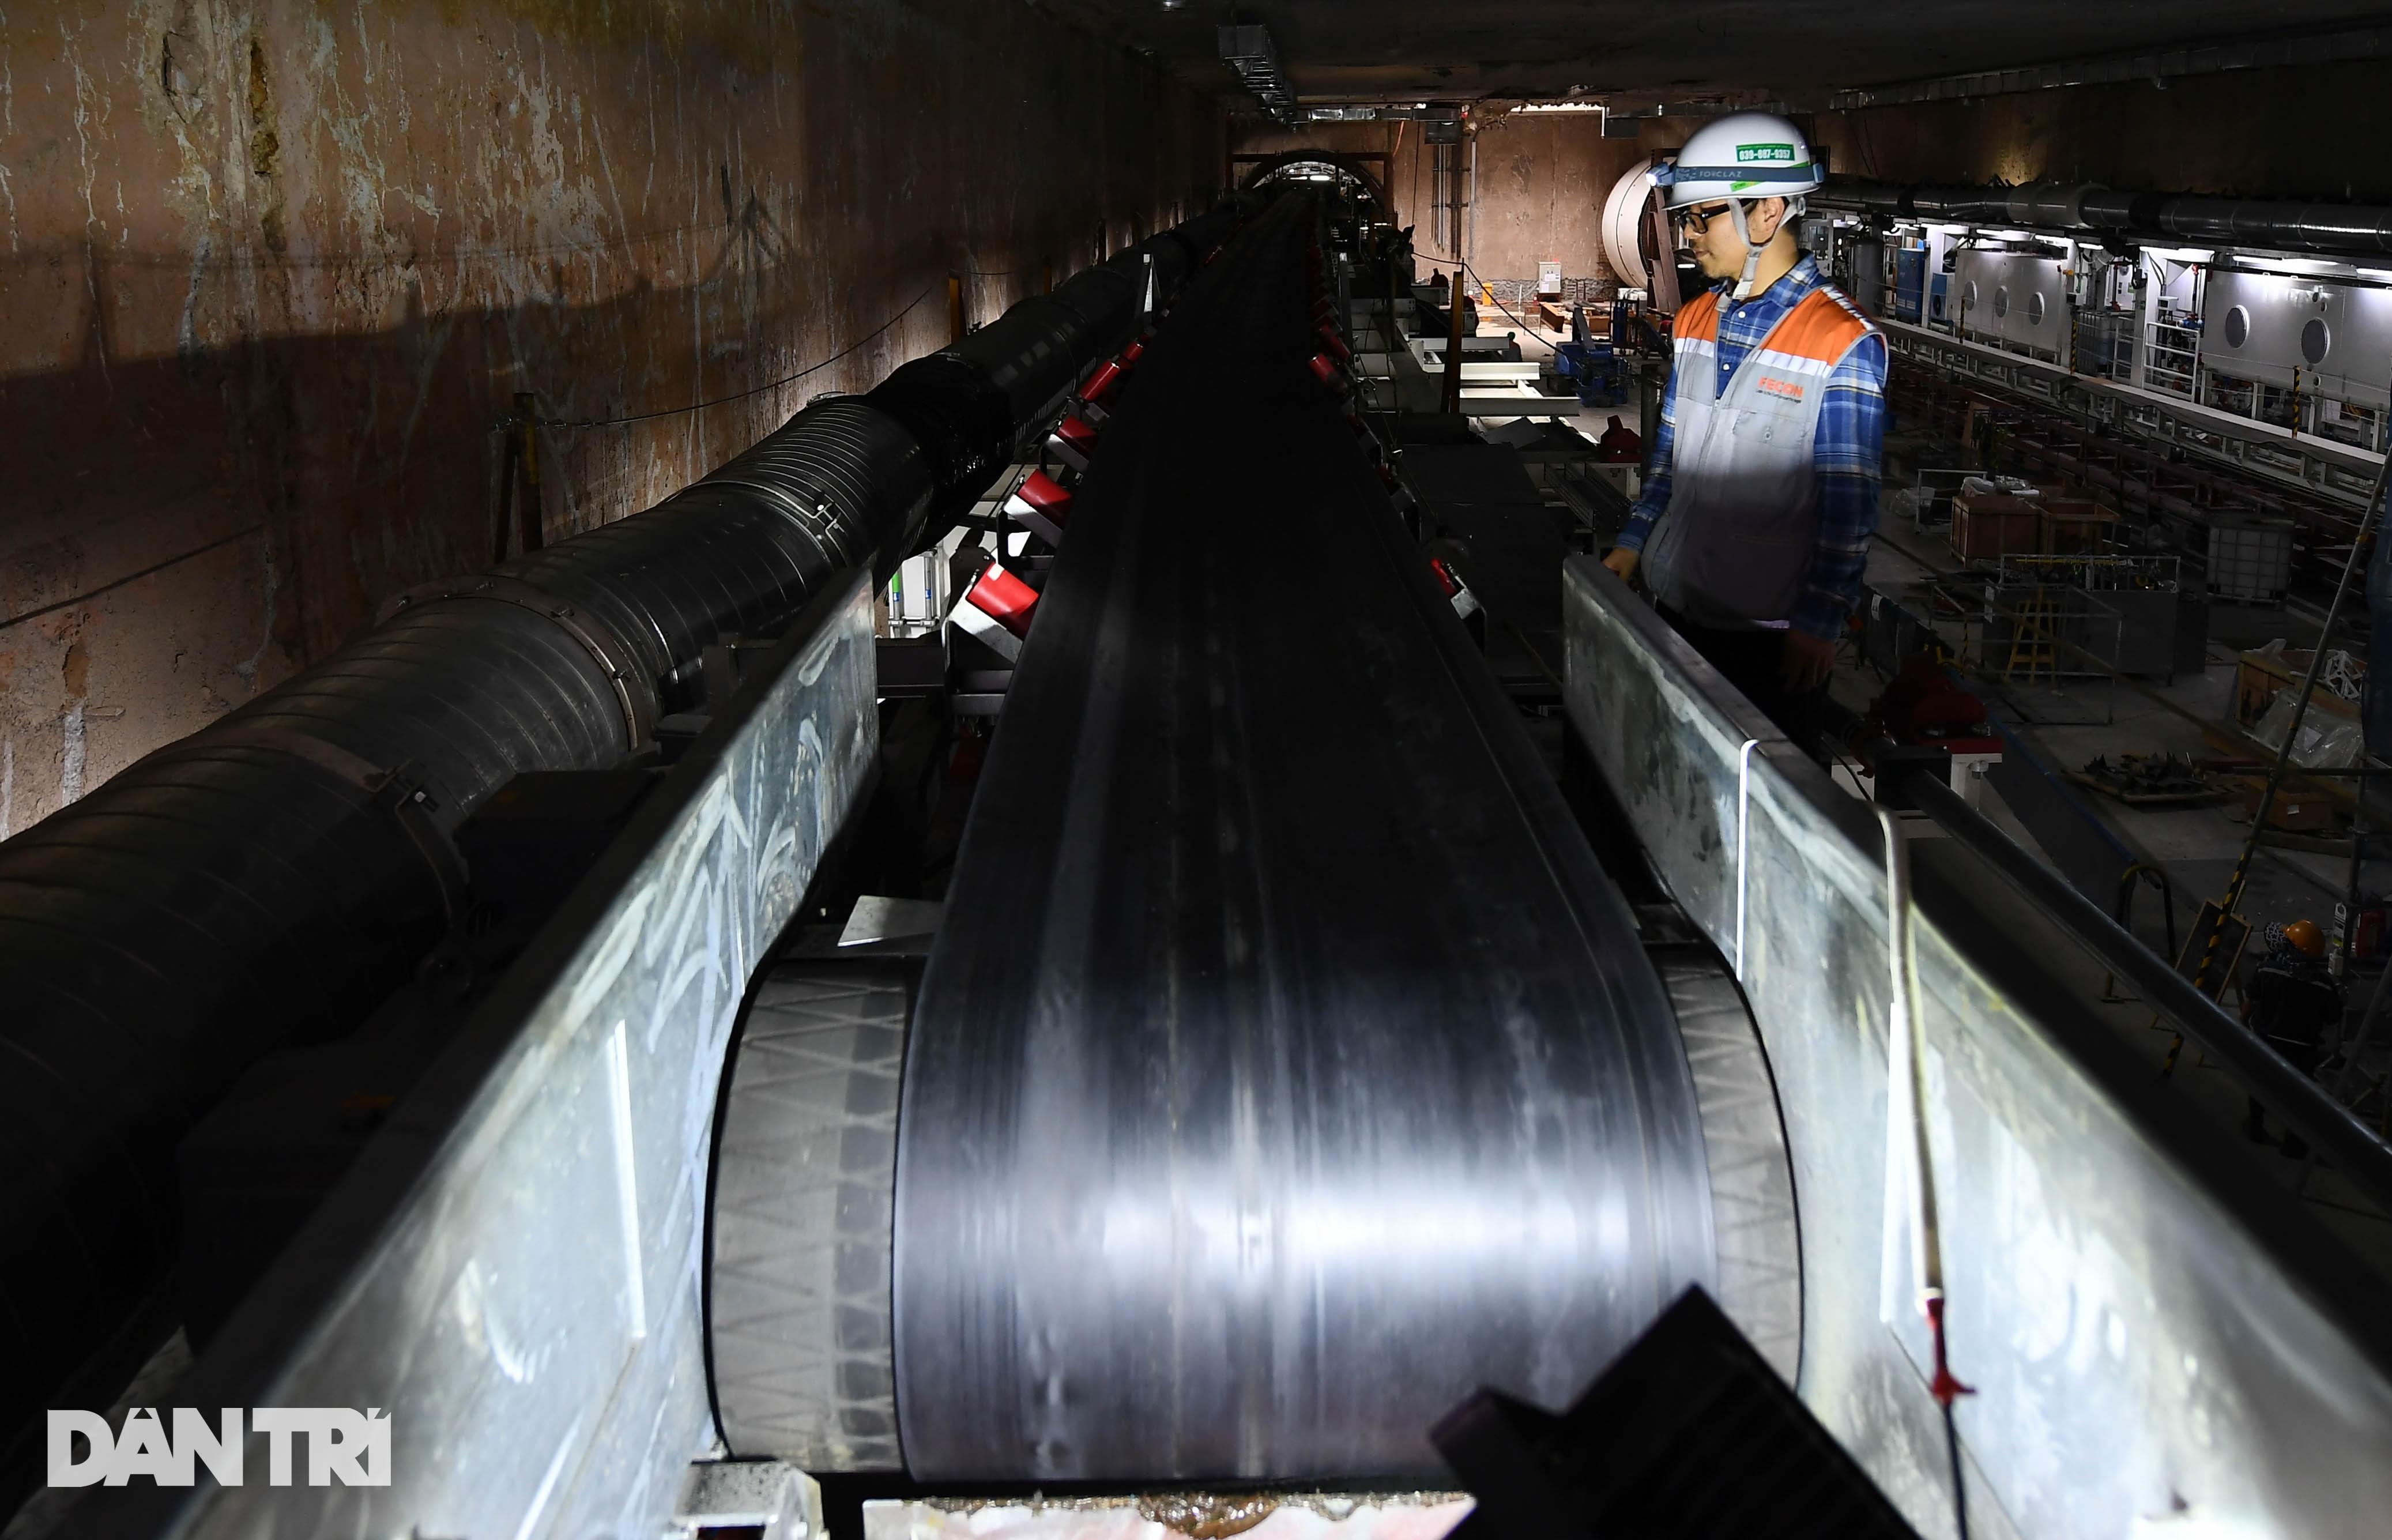 Quái vật 850 tấn đào hầm đường sắt Nhổn - ga Hà Nội lần đầu chạy thử - 11